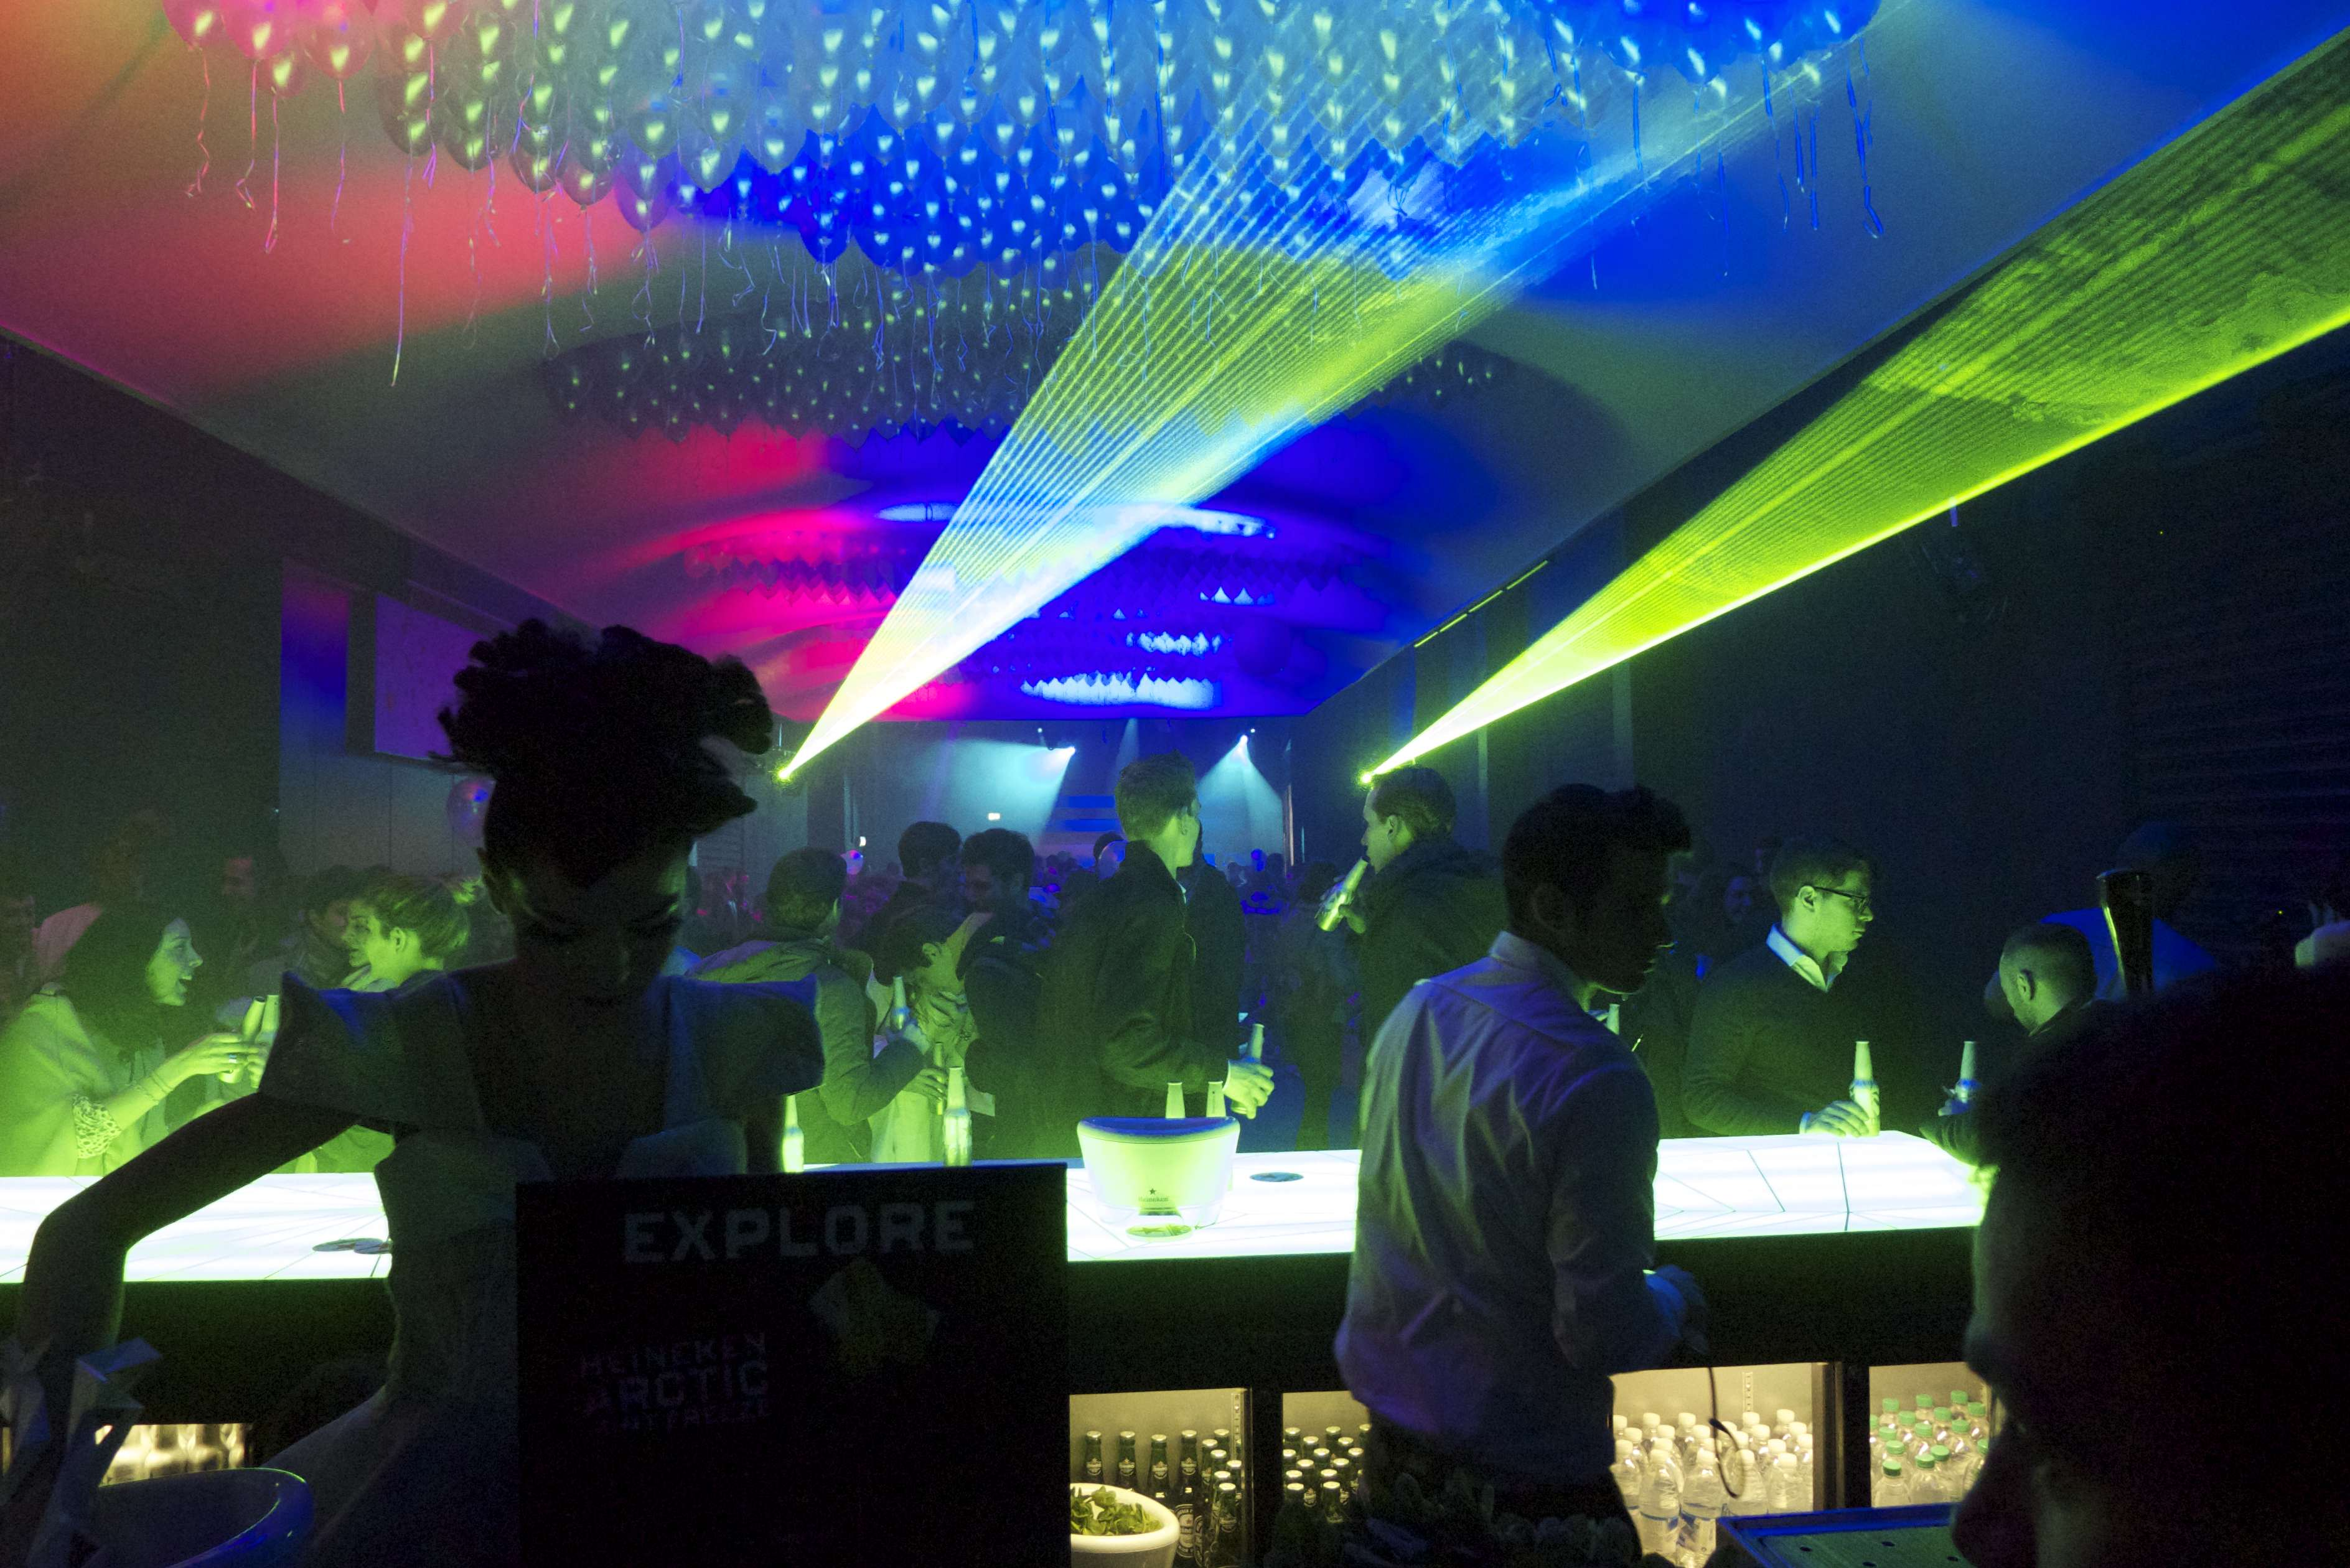 Stwórz futurystyczny lounge bar